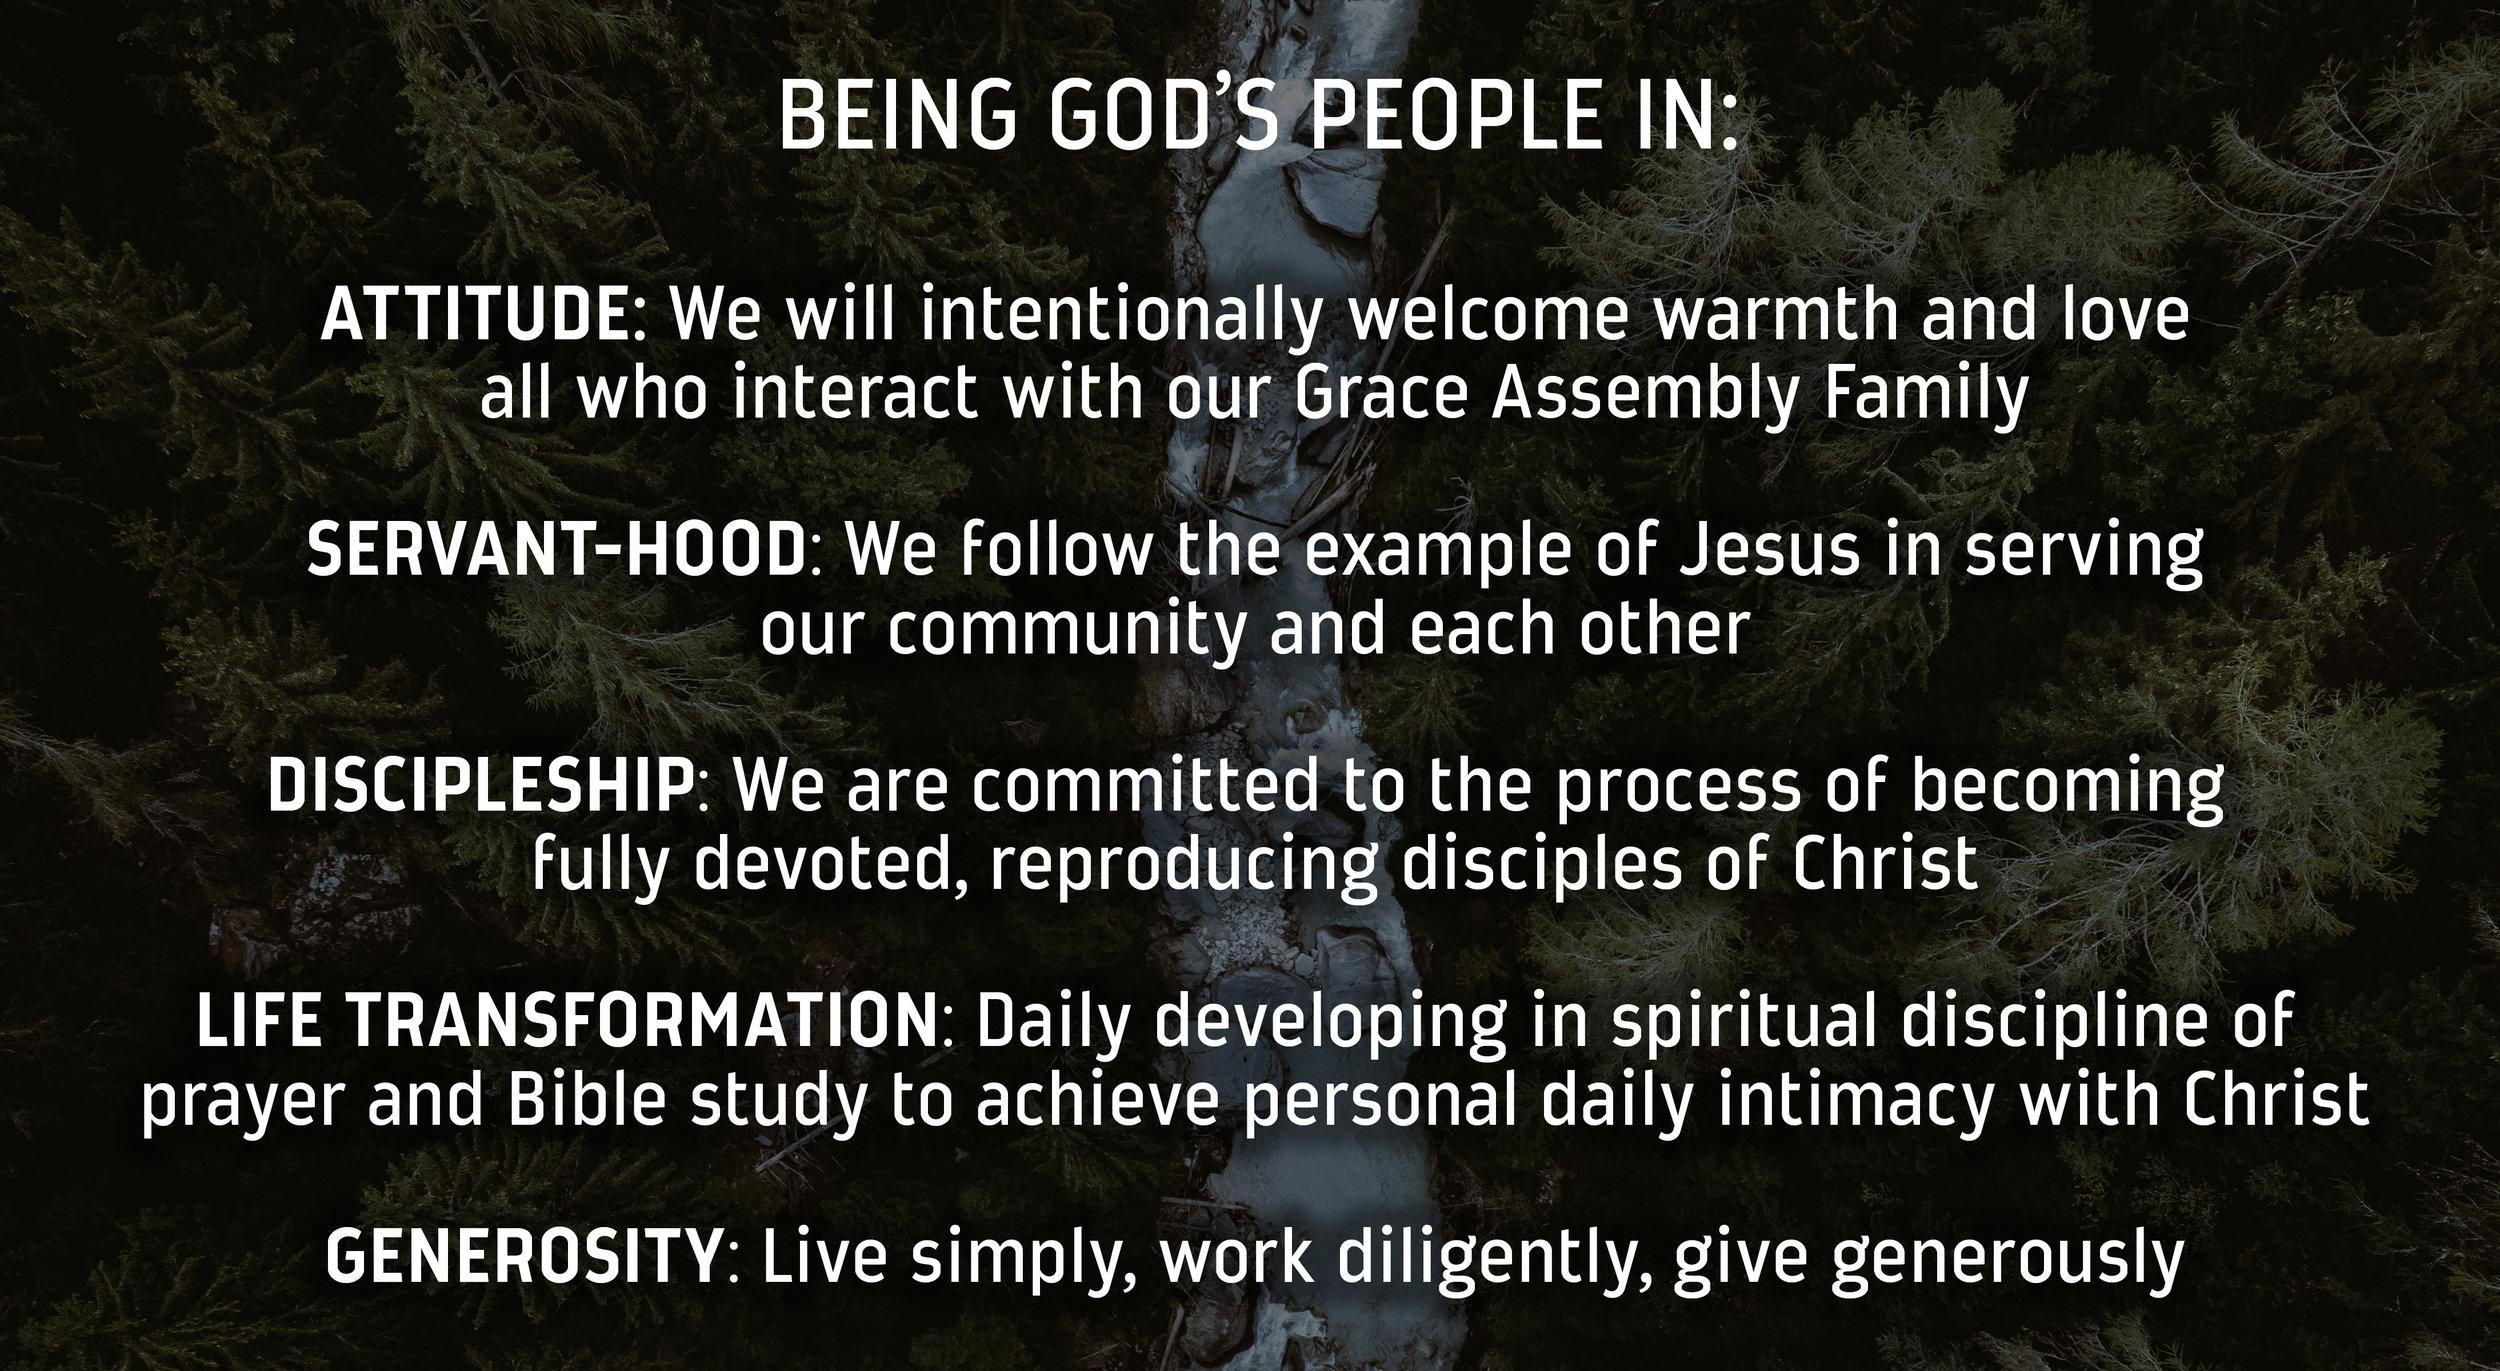 God's People.jpg